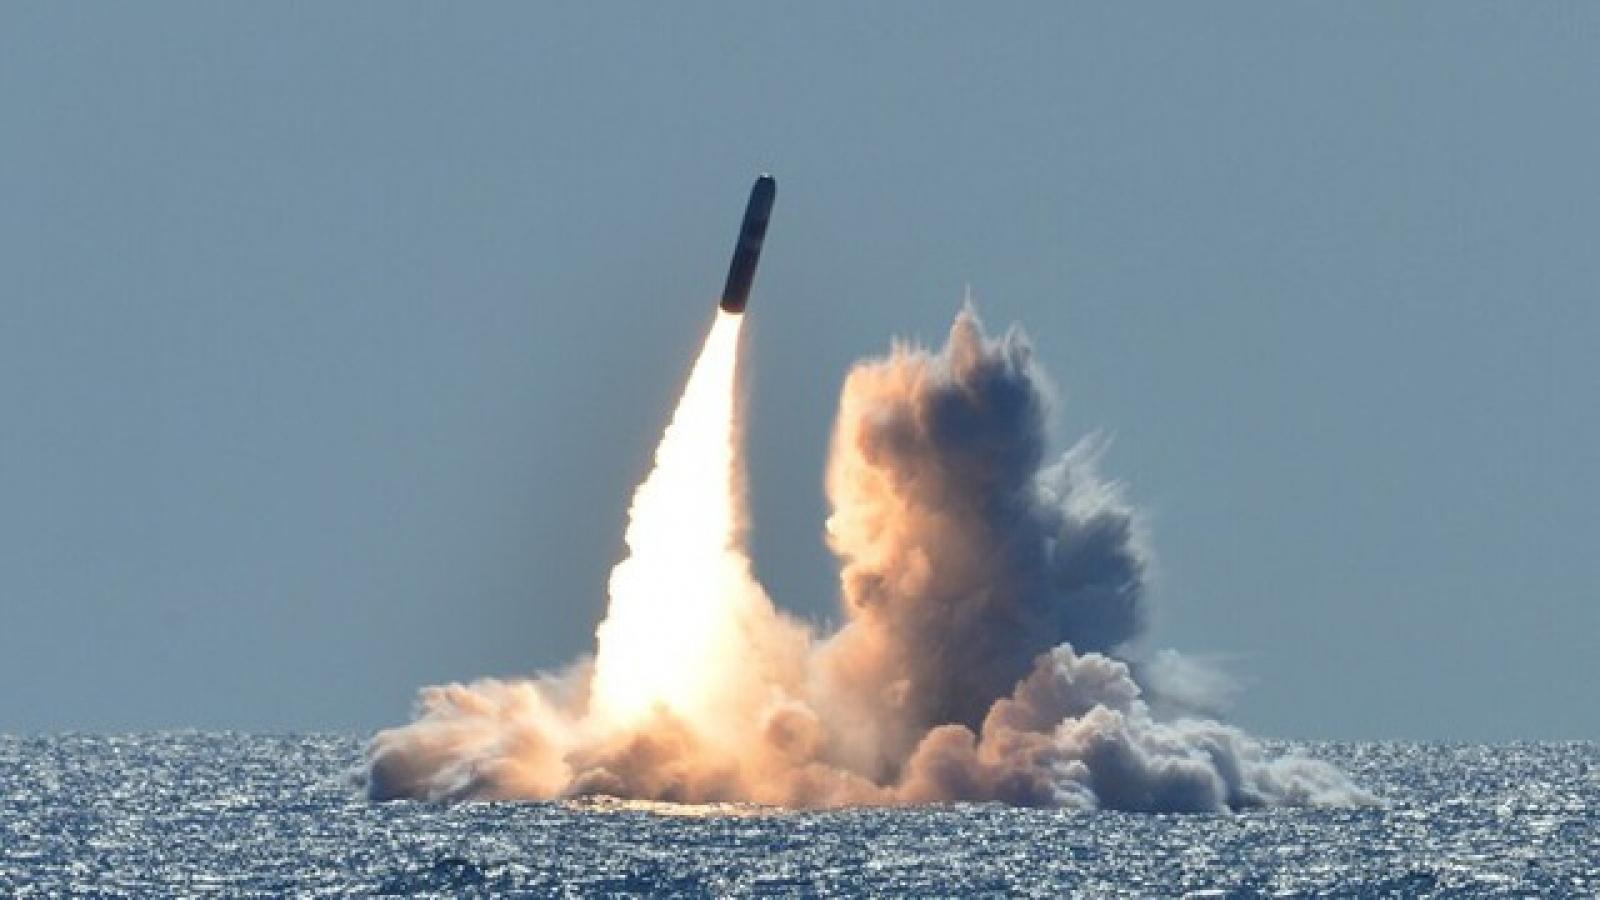 SIPRI cảnh báo về sự gia tăng số lượng vũ khí hạt nhân sẵn sàng khai hỏa trên thế giới